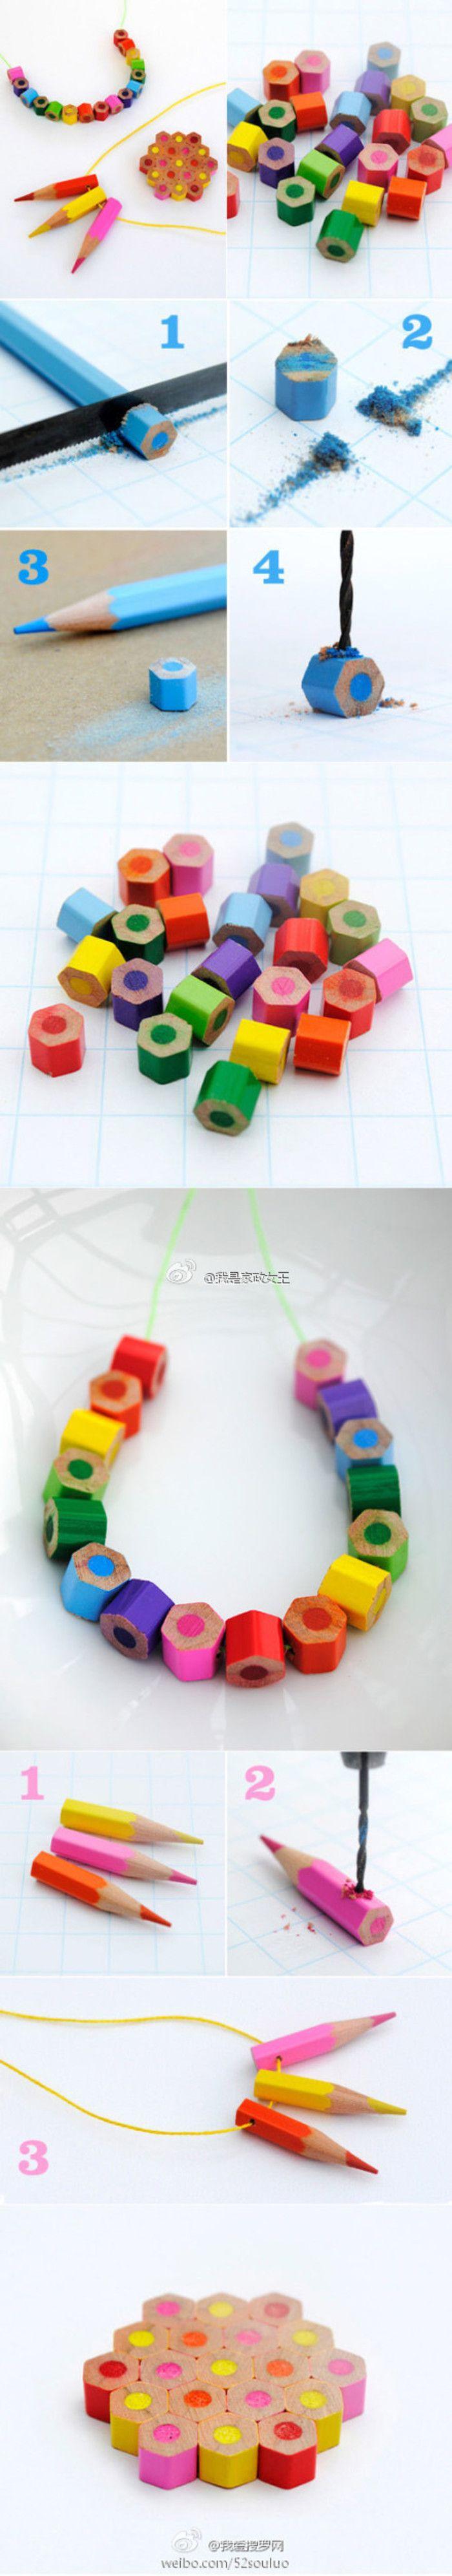 废旧铅笔再利用,DIY彩色铅笔项链哦~ 个性又特别呢~而且还能废物利用~